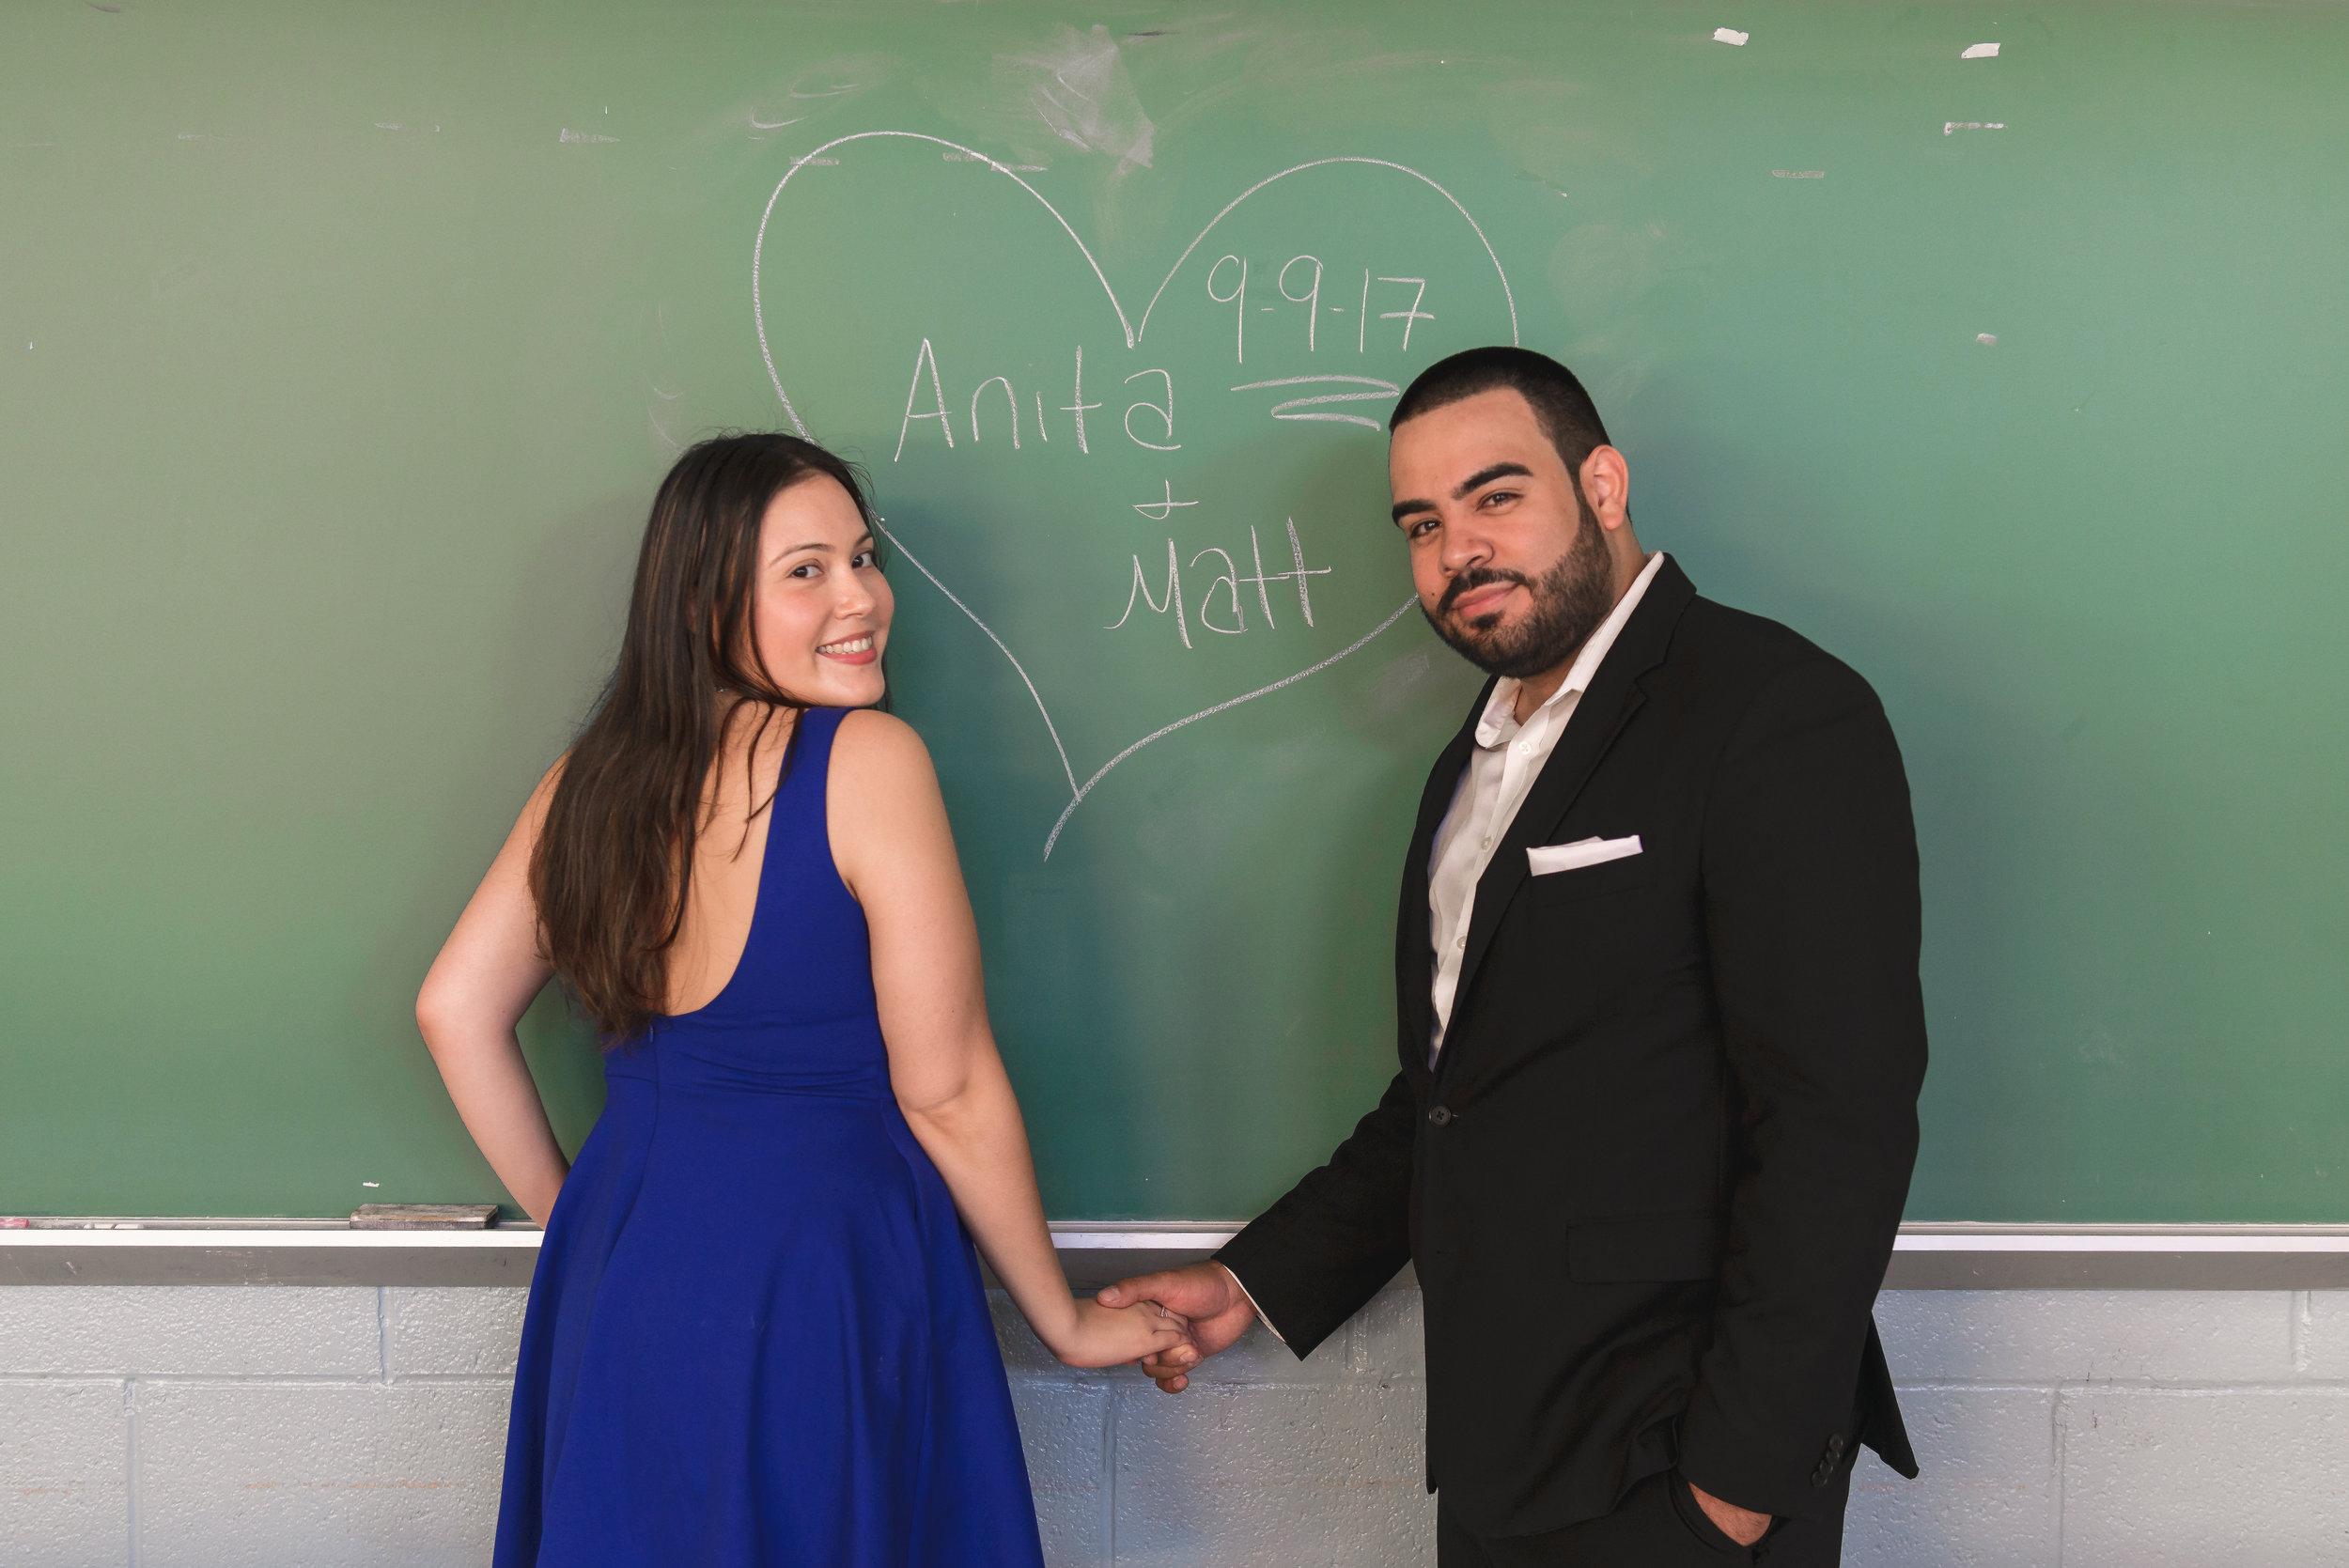 Anita&Matt-24.jpg